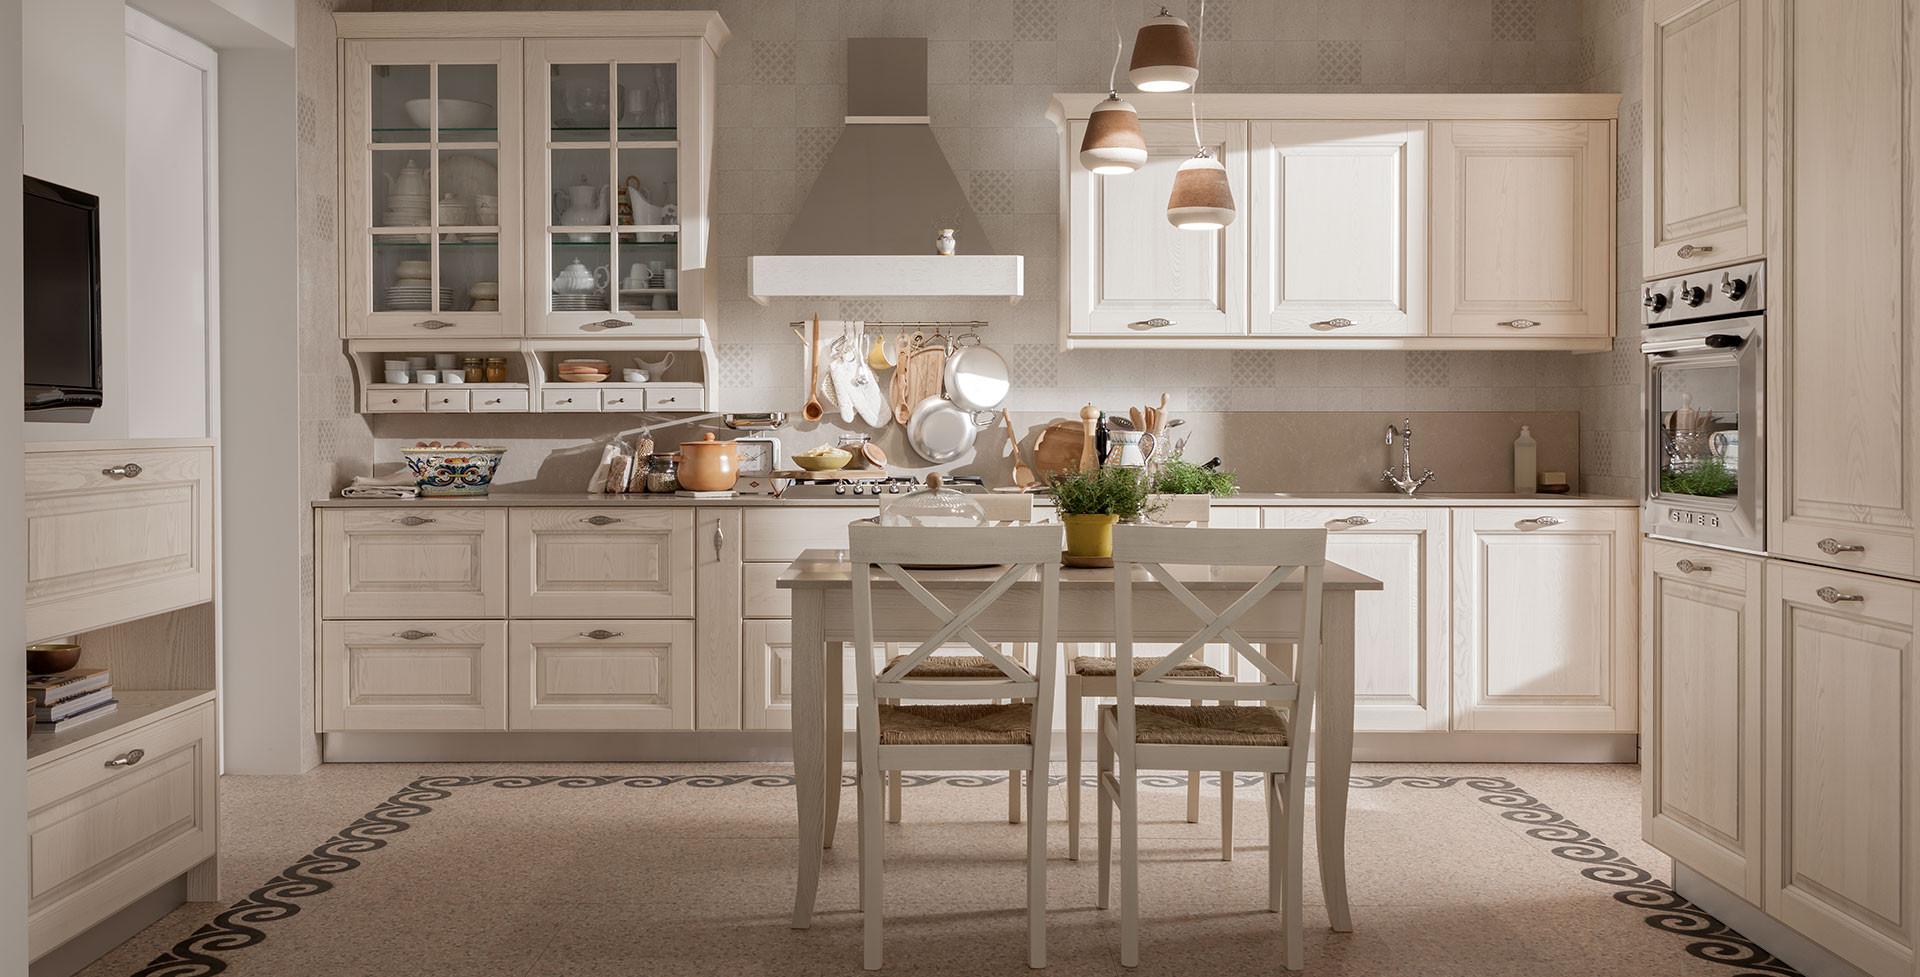 Cucina Memory Veneta Cucine